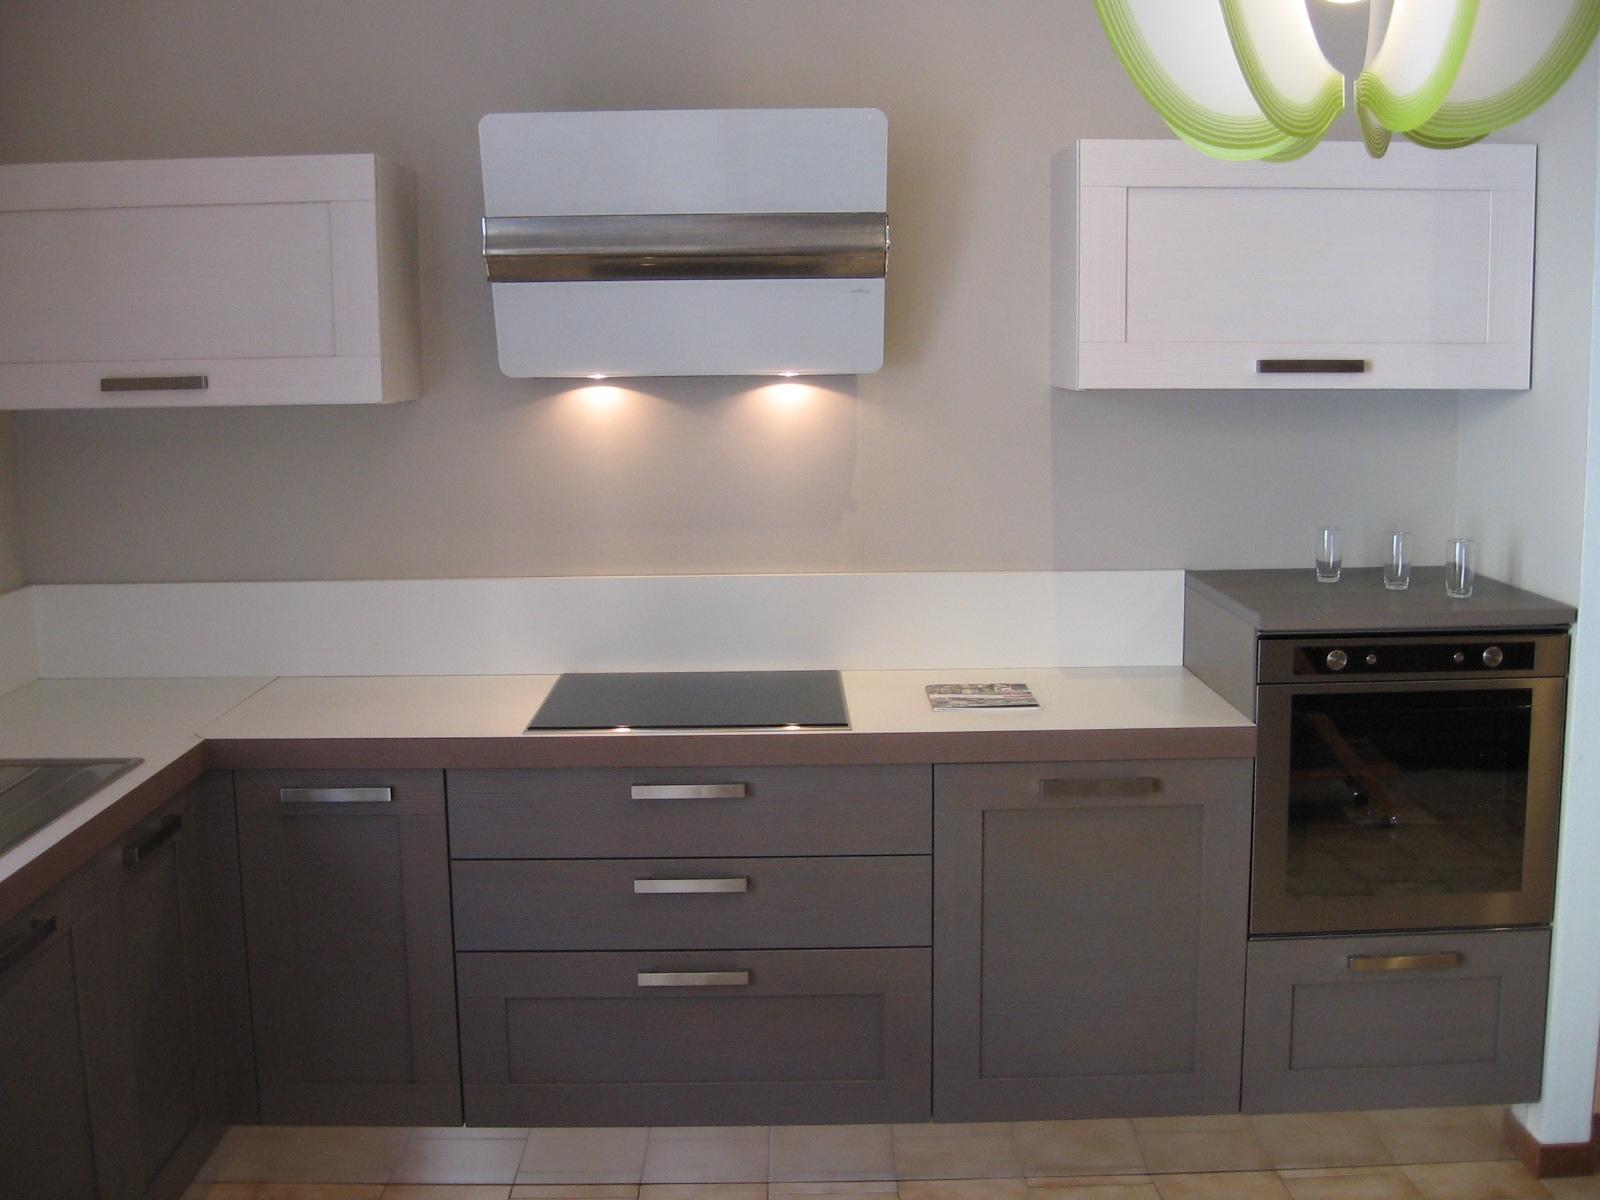 Cucine ad angolo dibiesse scontate del 40 cucine a - Cucine con forno ad angolo ...